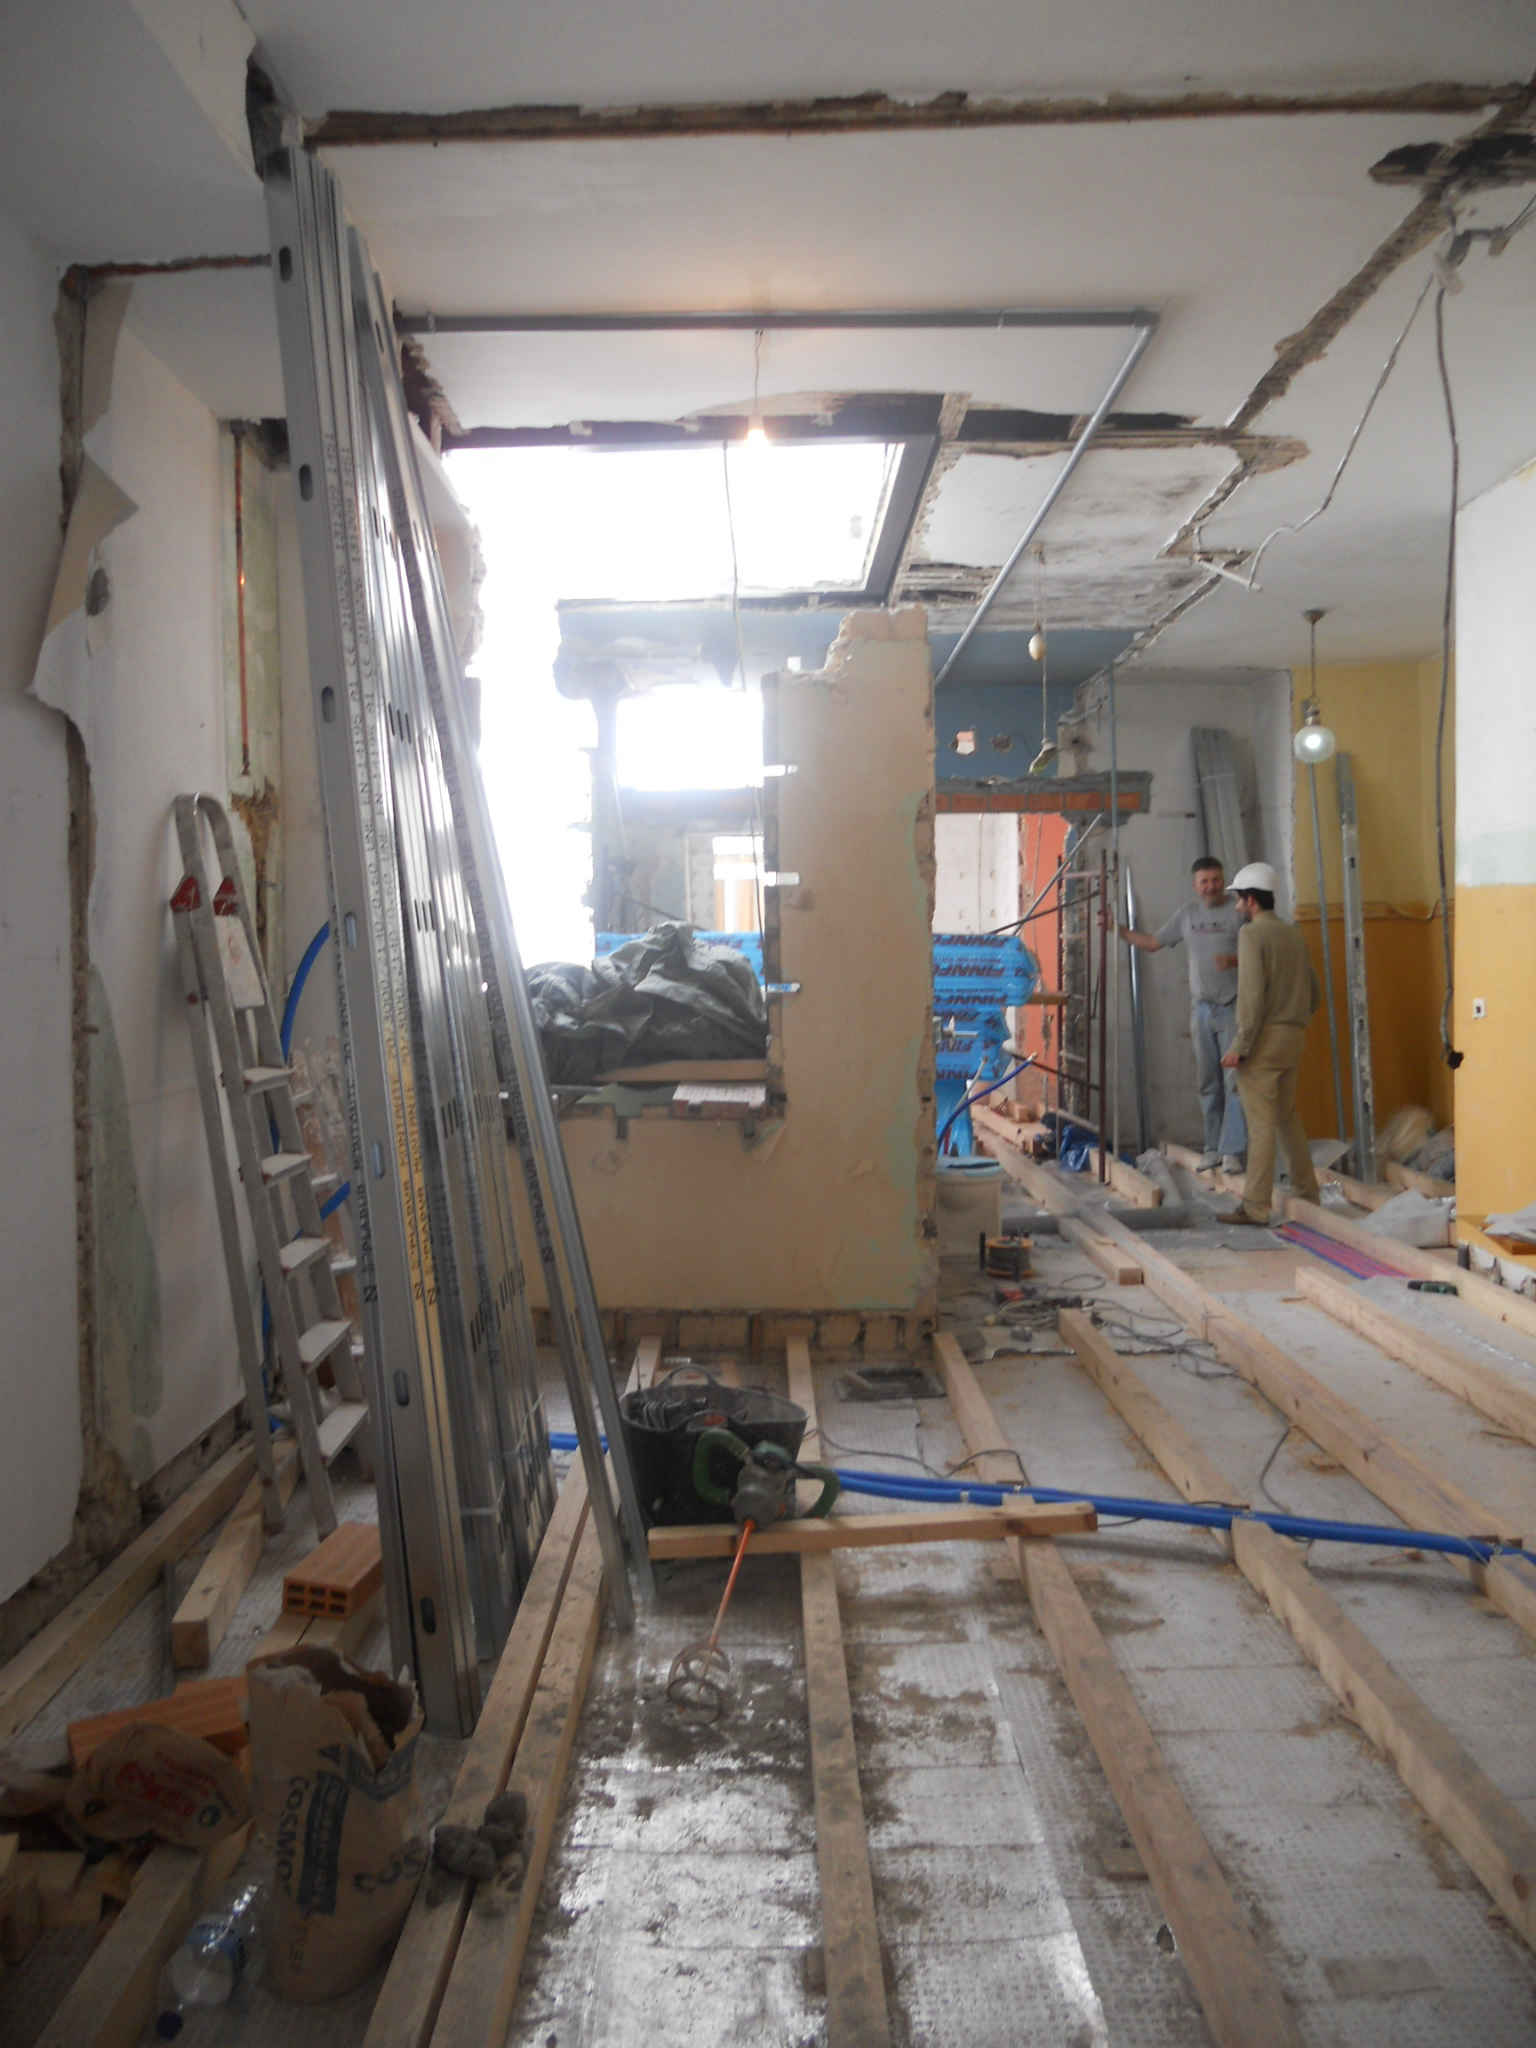 Las obras del piso en la calle pr ncipe vigo marchan a buen ritmo rodrigo curr s torres - Interiorismo vigo ...